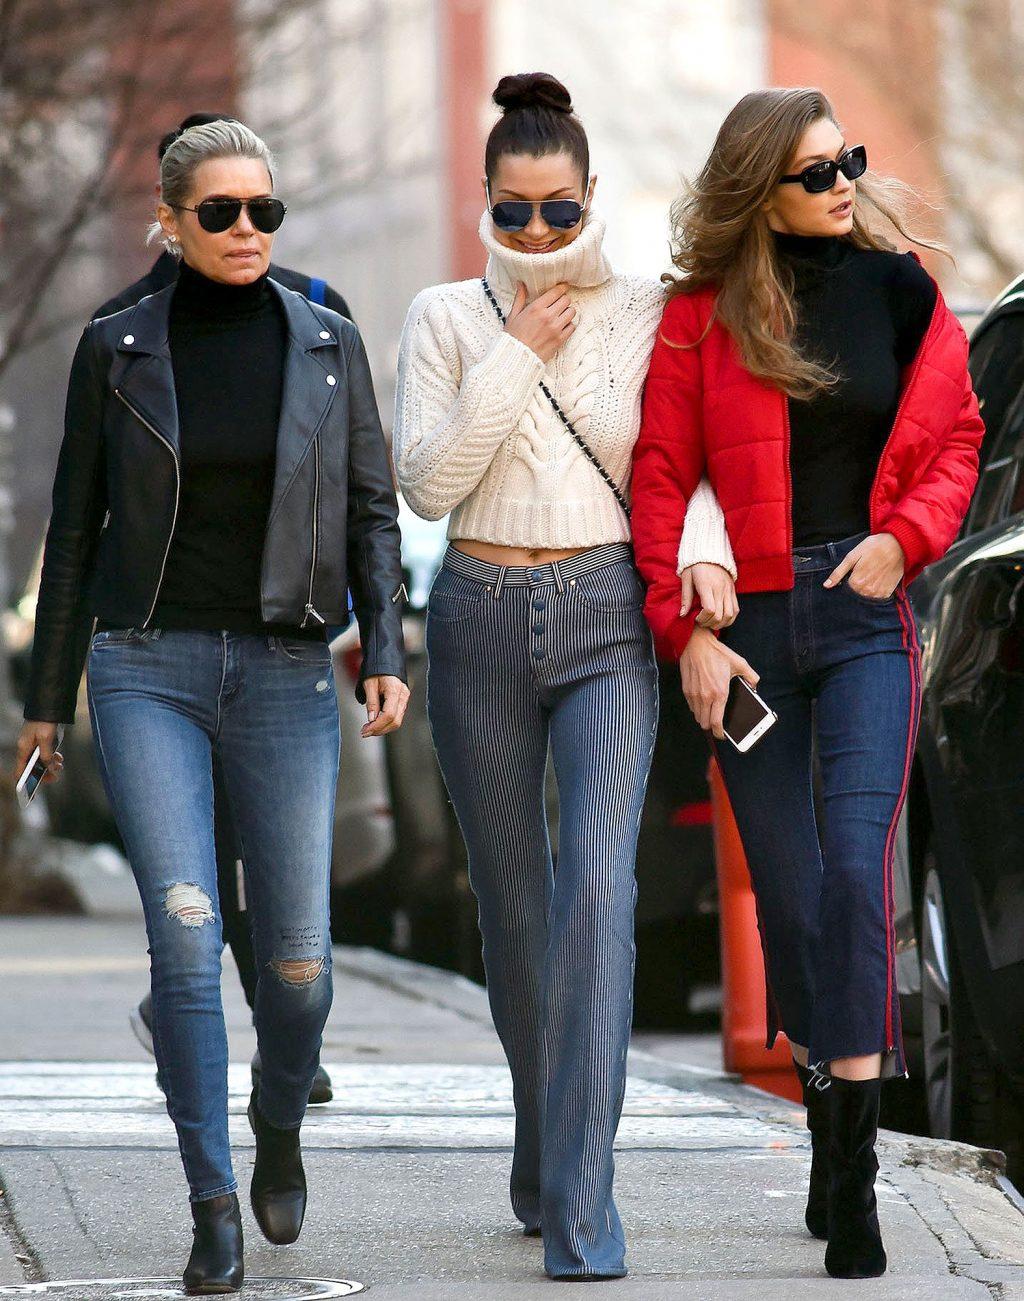 phong cách thời trang đường phố Yolanda Foster và Gigi, Bella Hadid